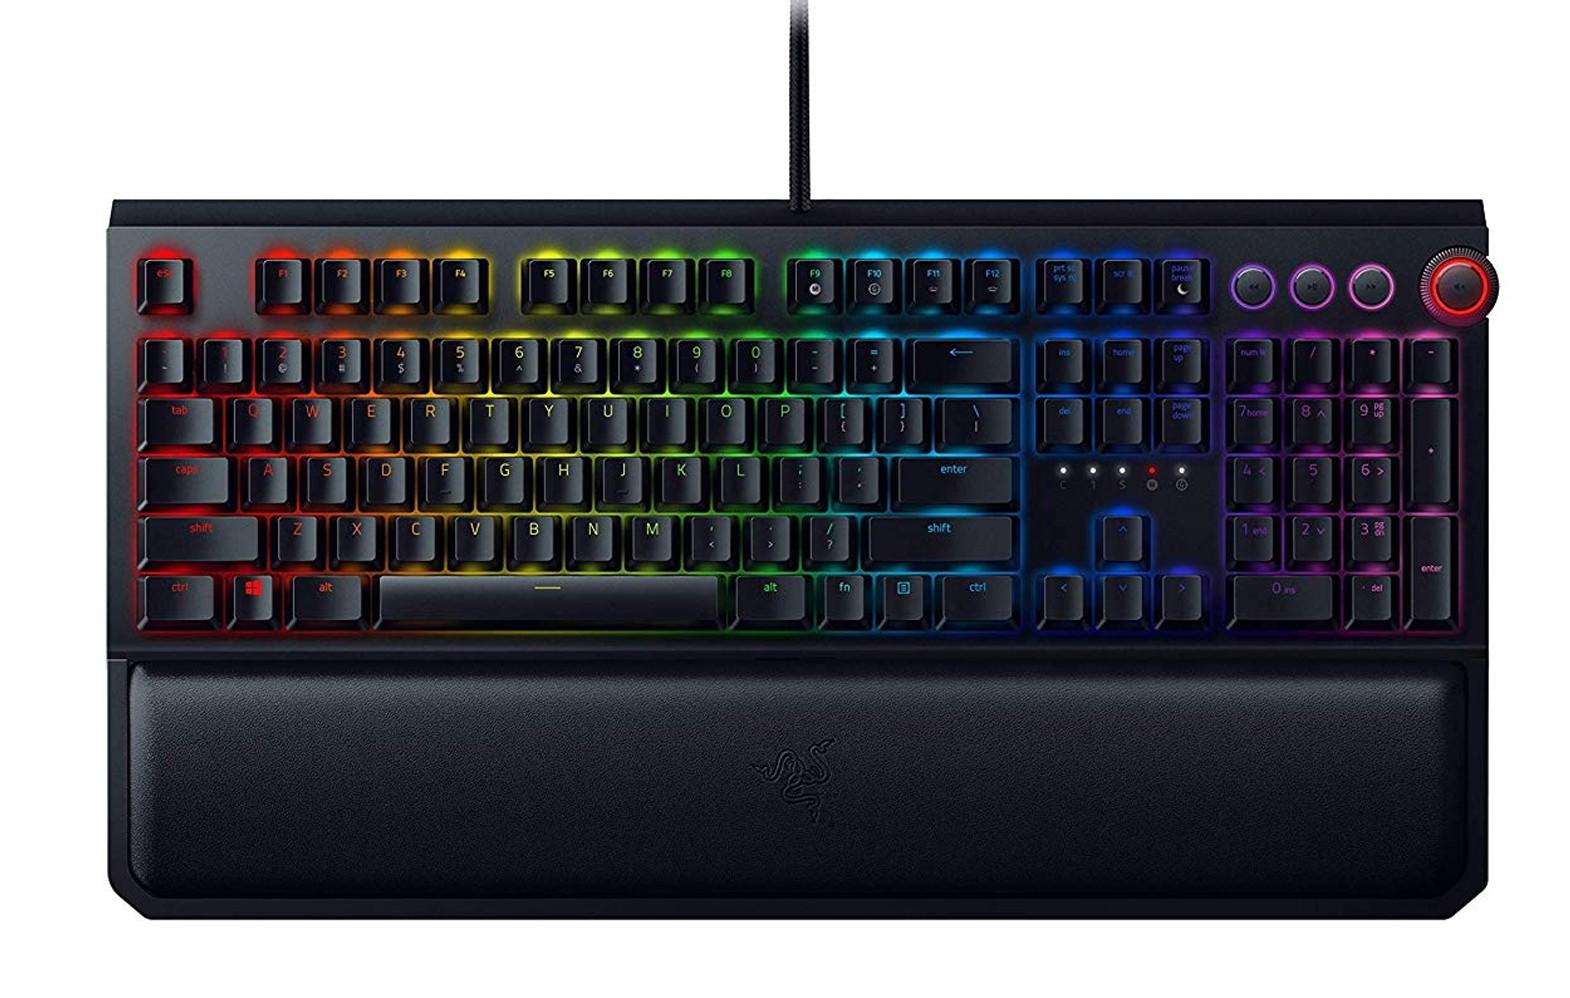 Razer BlackWidow Elite Green Switch keyboard